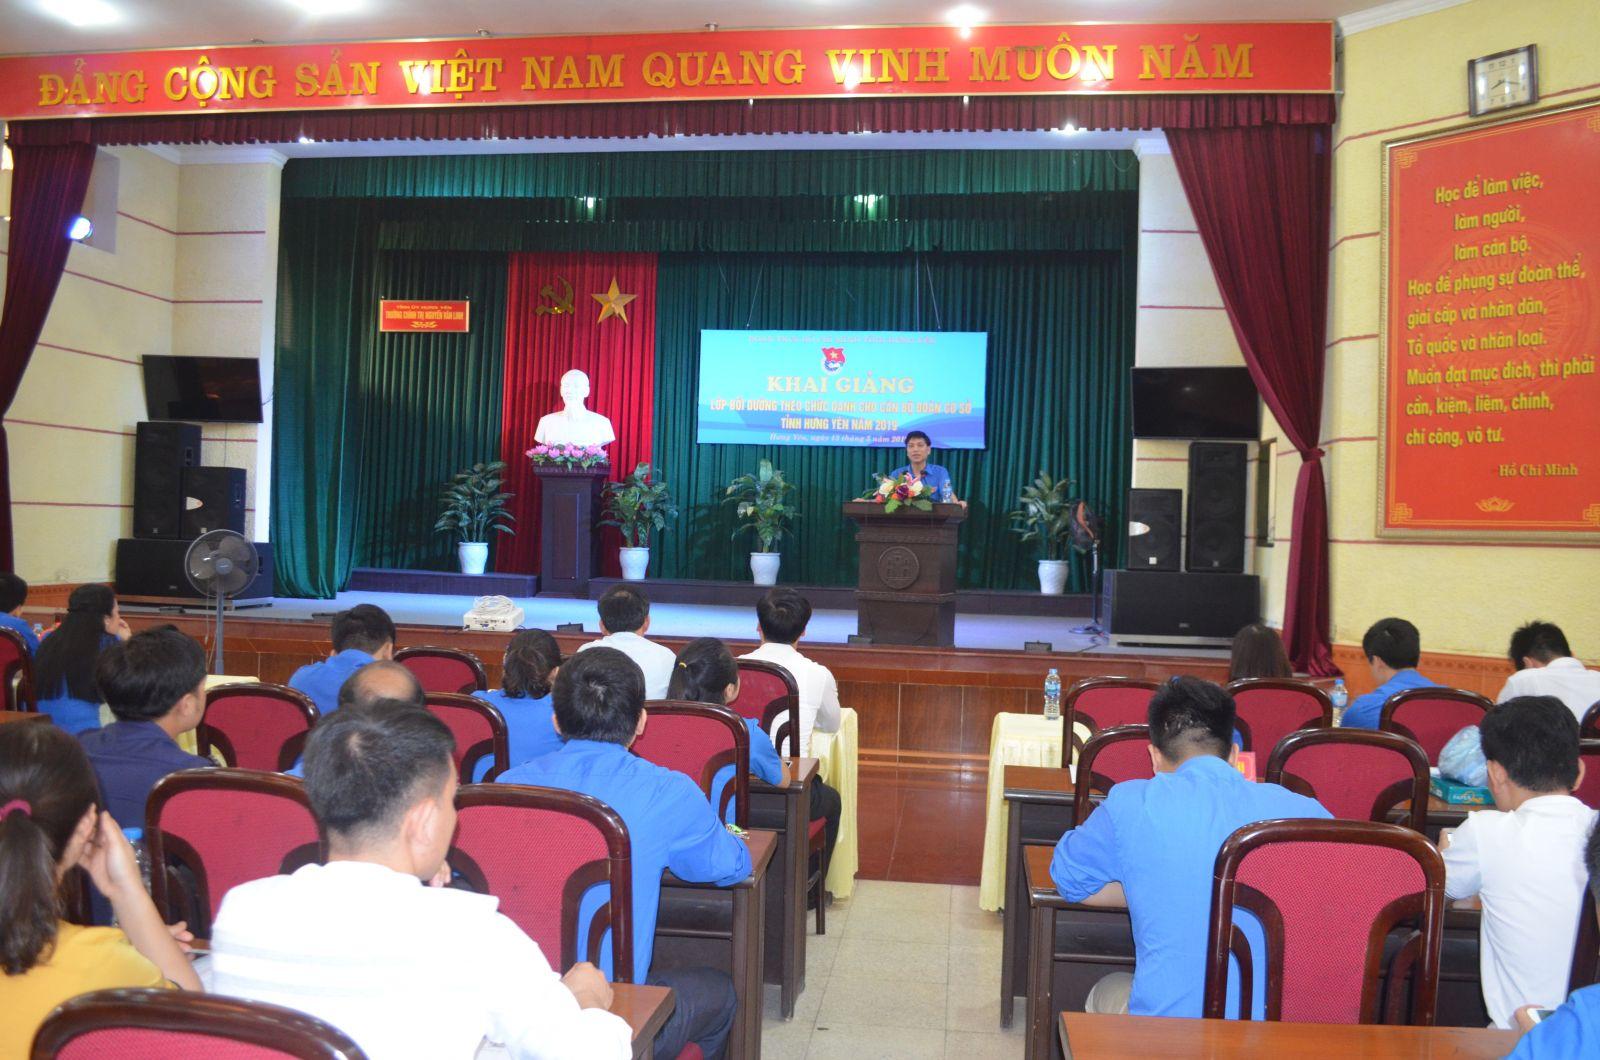 Tỉnh đoàn tổ chức Lớp bồi dưỡng theo chức danh  cho cán bộ Đoàn cơ sở tỉnh Hưng Yên năm 2019